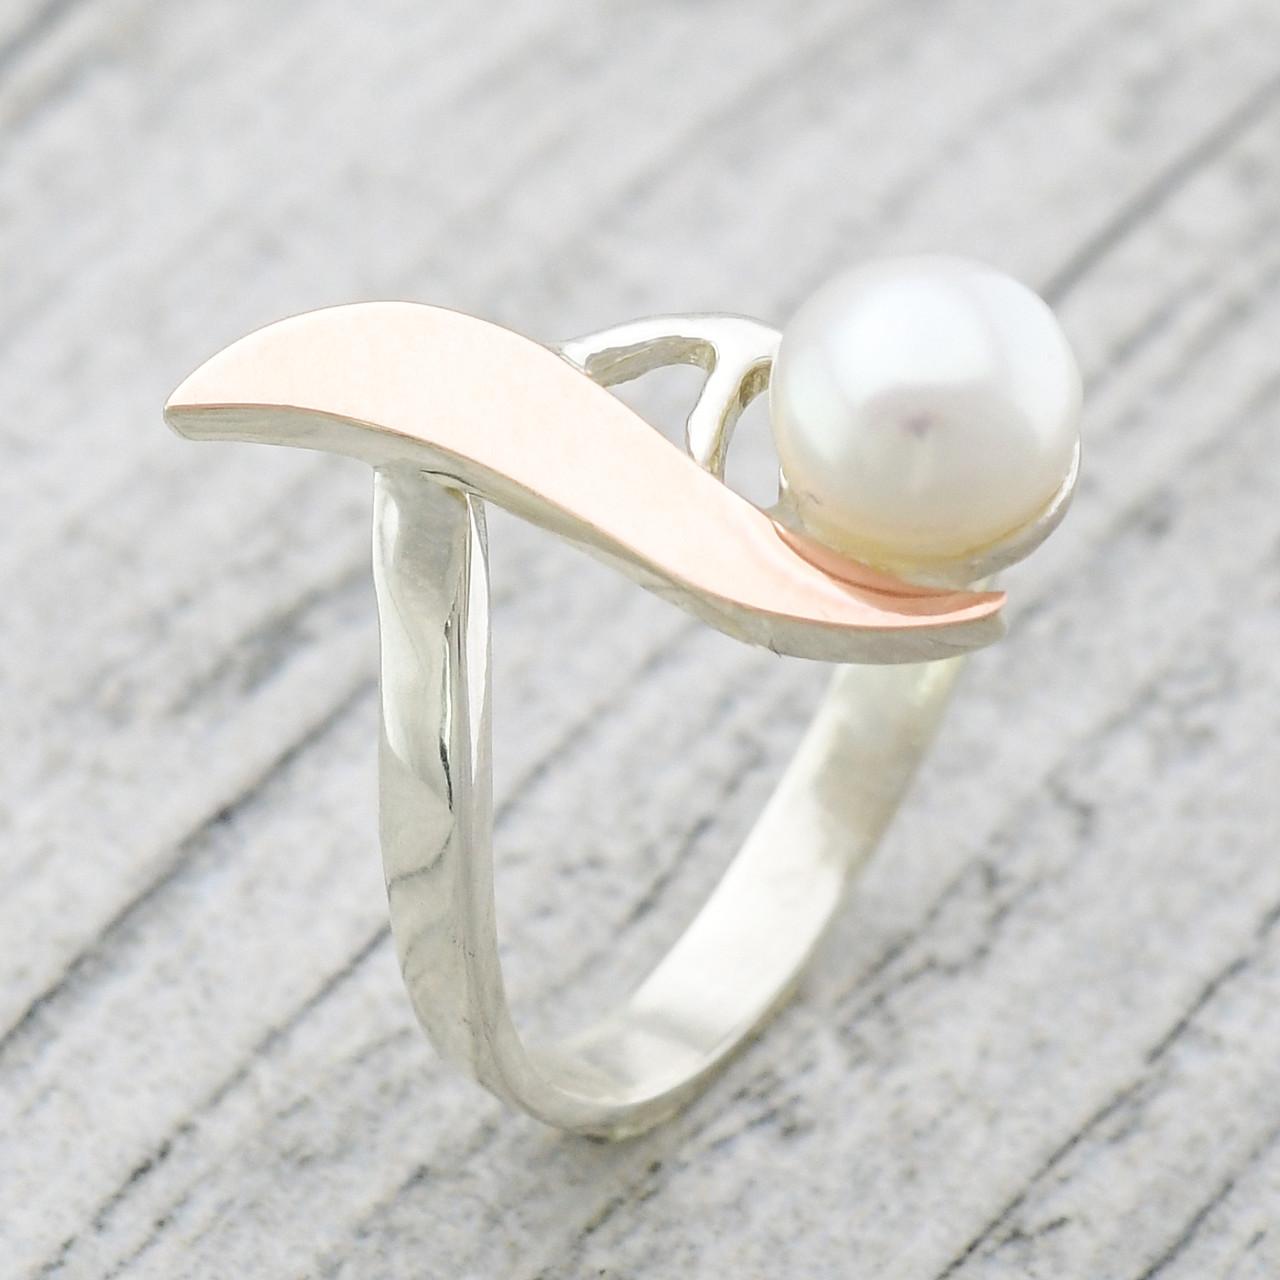 """Серебряное кольцо с золотыми пластинами """"Росинка"""", вставка искусств. жемчуг, вес 2.42 г, размер 16"""